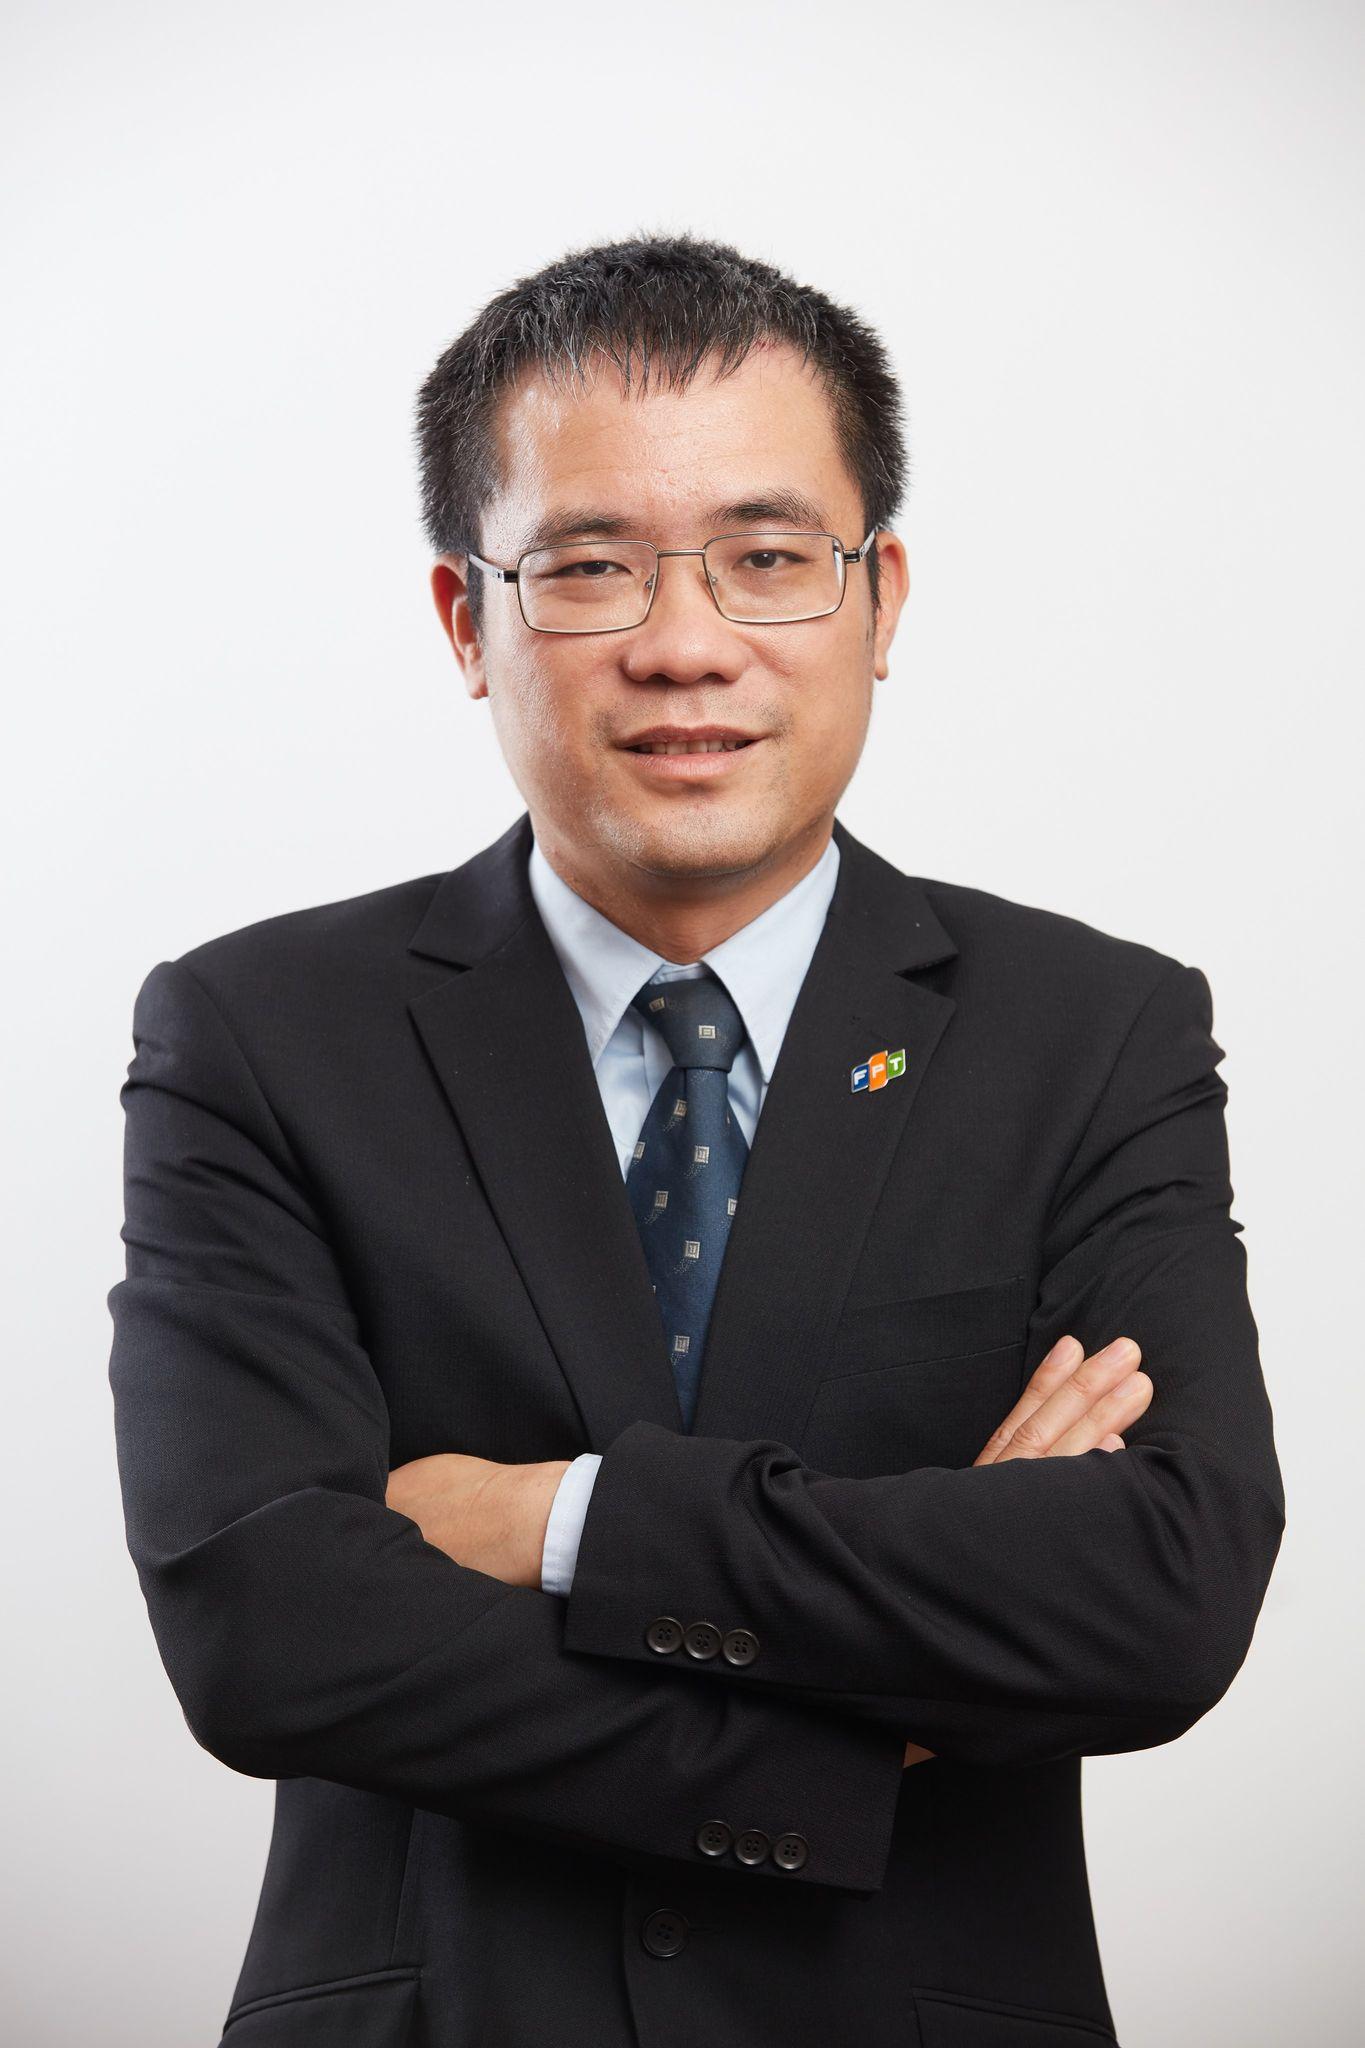 Chủ tịch FPT IS: Đang kiểm thử hệ thống HOSE với 73 công ty chứng khoán, sẵn sàng vận hành đầu tháng 7 - Ảnh 1.